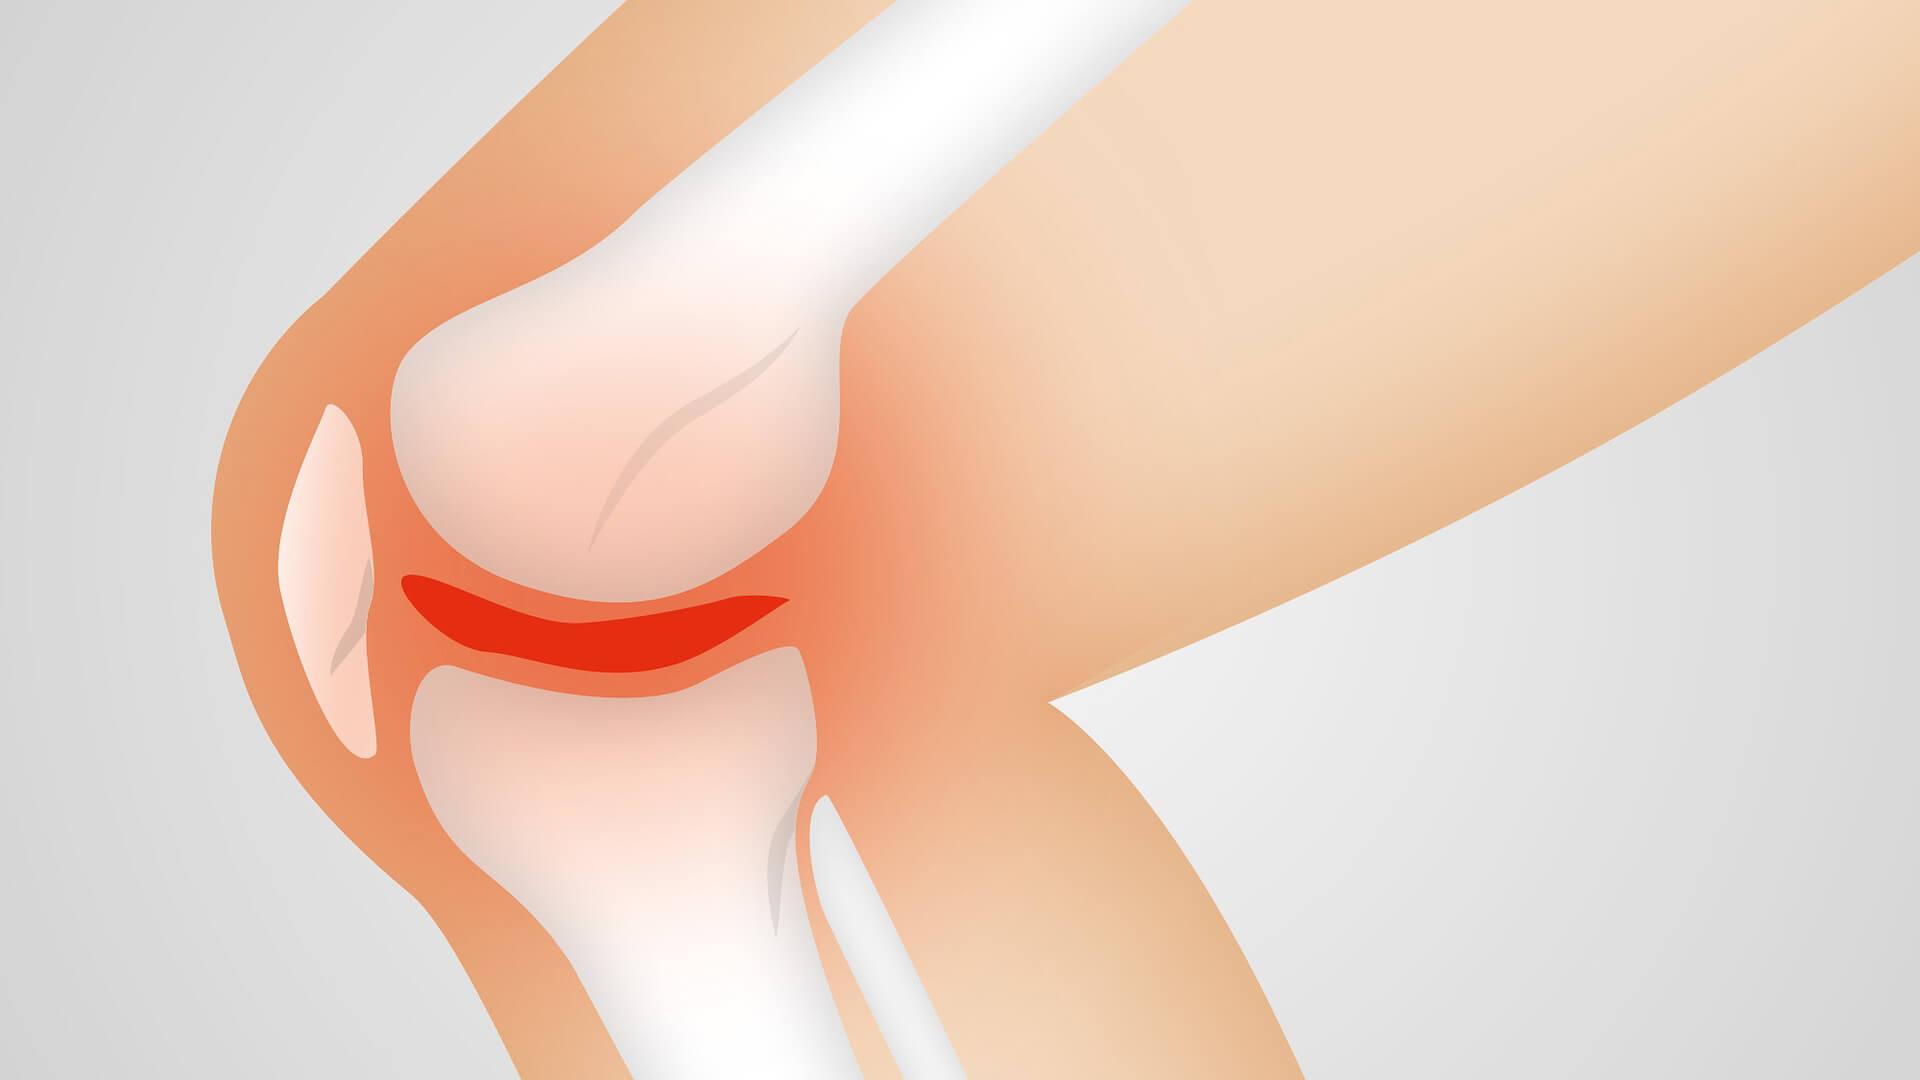 que es la artrosis y como frenarla